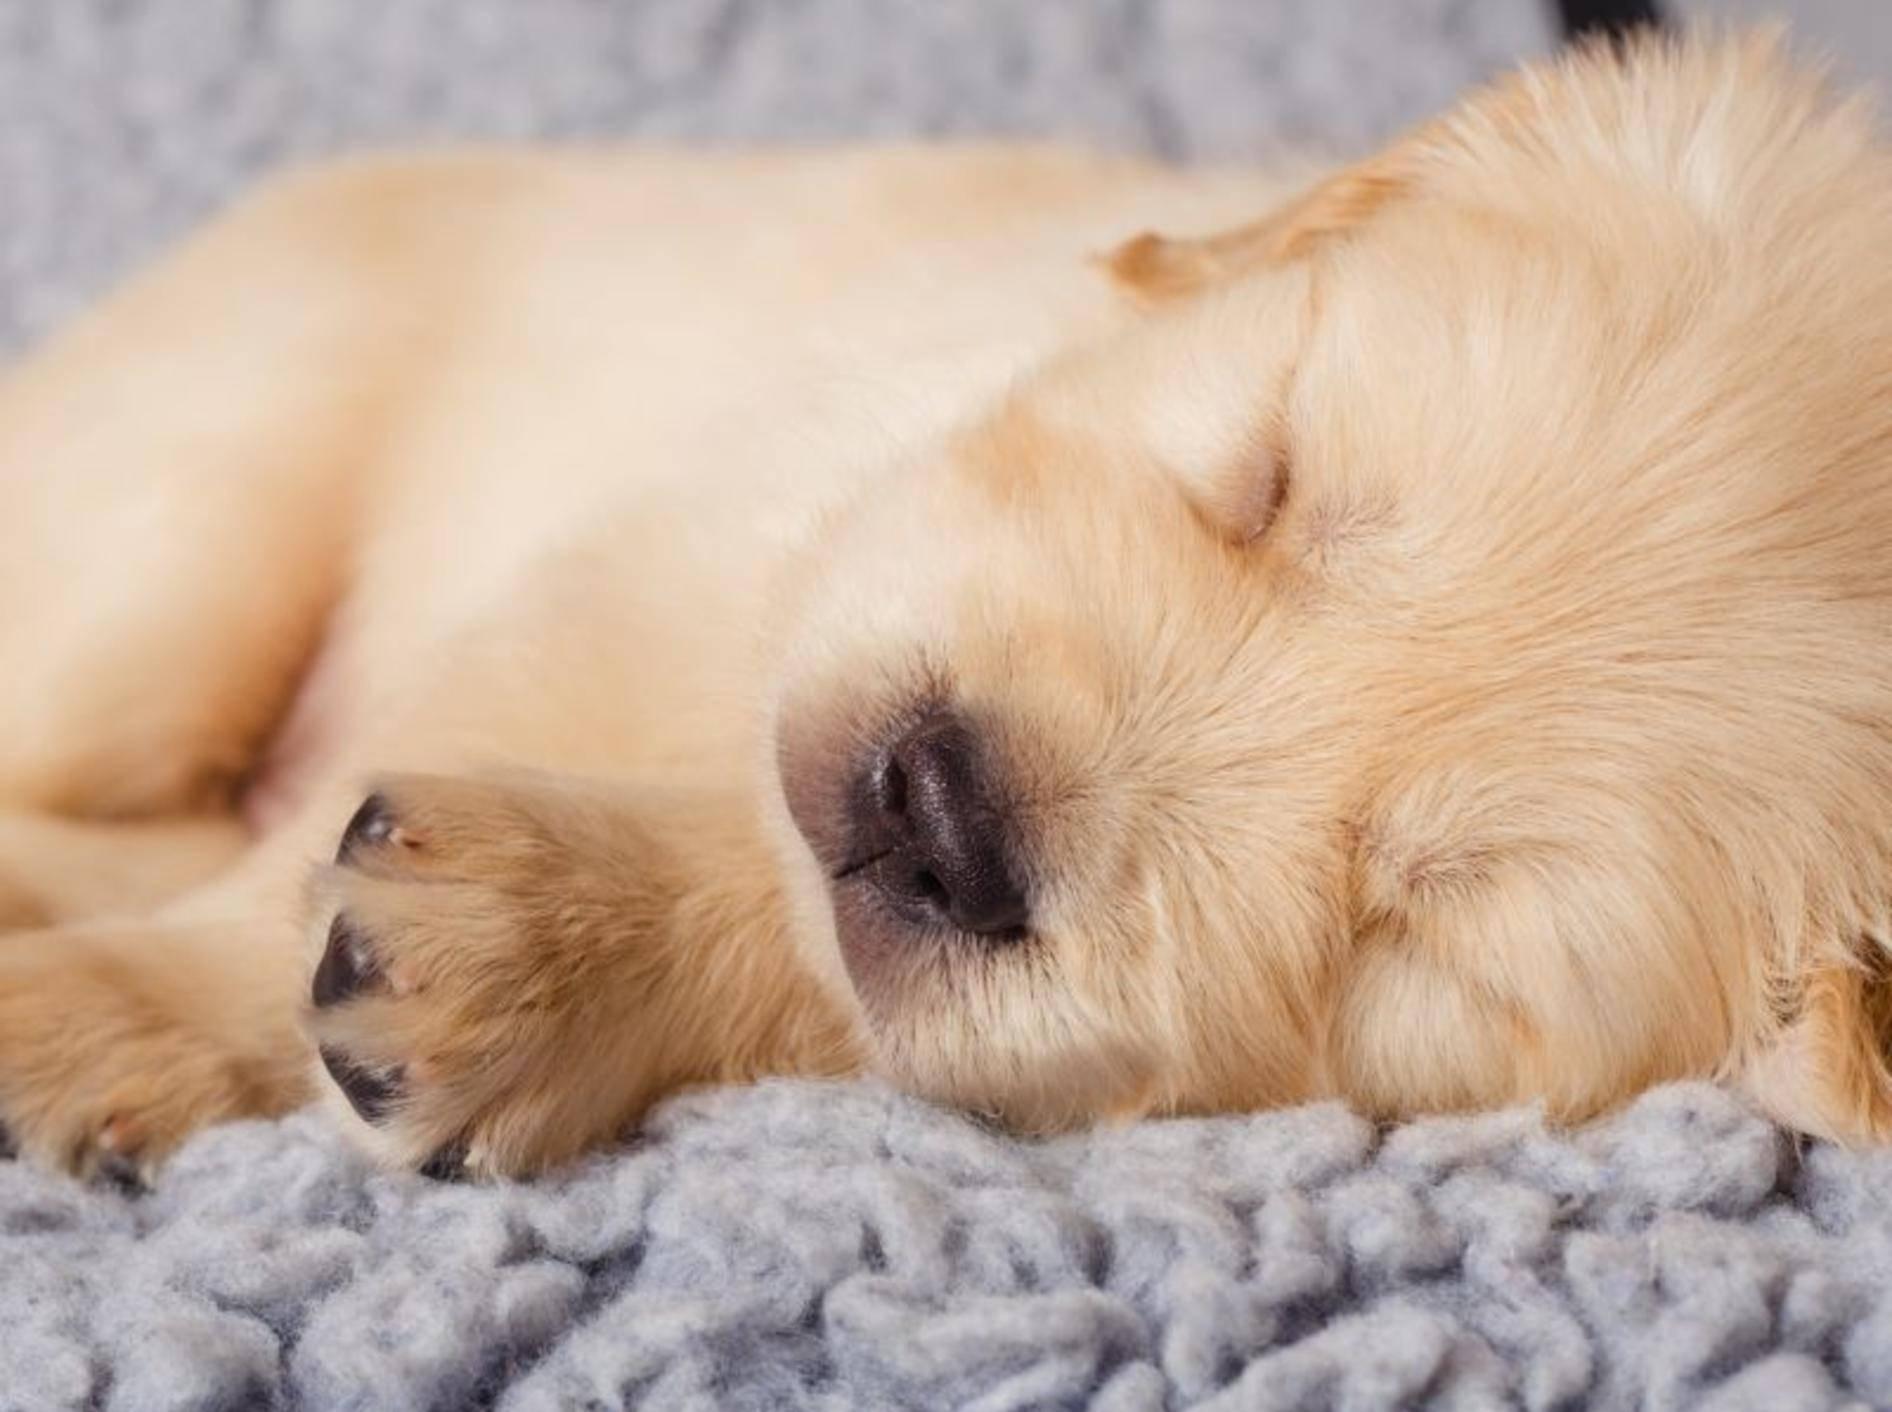 Tierisch schön: Die zehn süßesten Schlafmützen der Welt — Bild: Shutterstock / YuliaPodlesnova